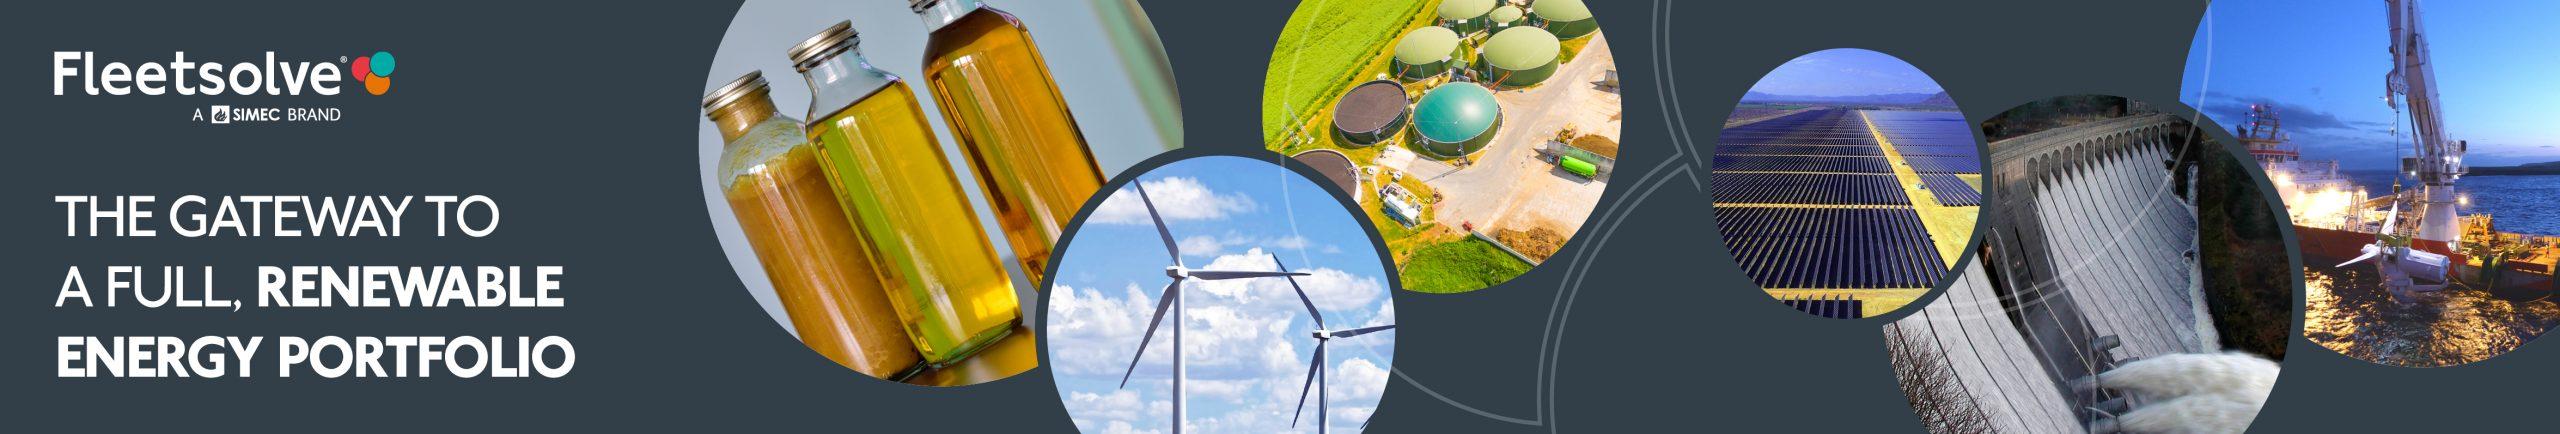 renewable energy banner grey long